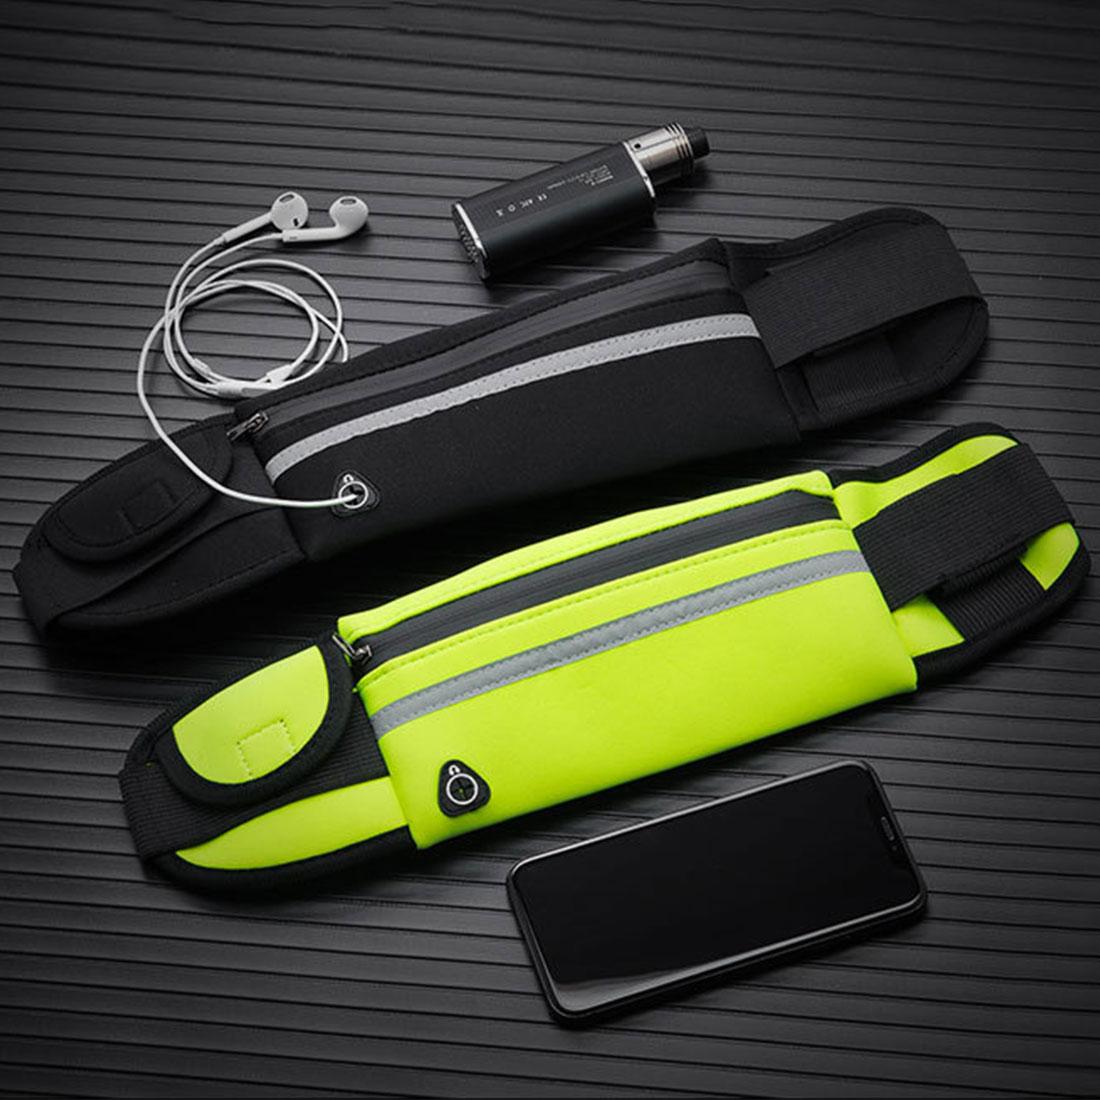 Novo correndo saco da cintura à prova dwaterproof água telefone container jogging caminhadas cinto barriga saco feminino ginásio de fitness senhora esporte acessórios